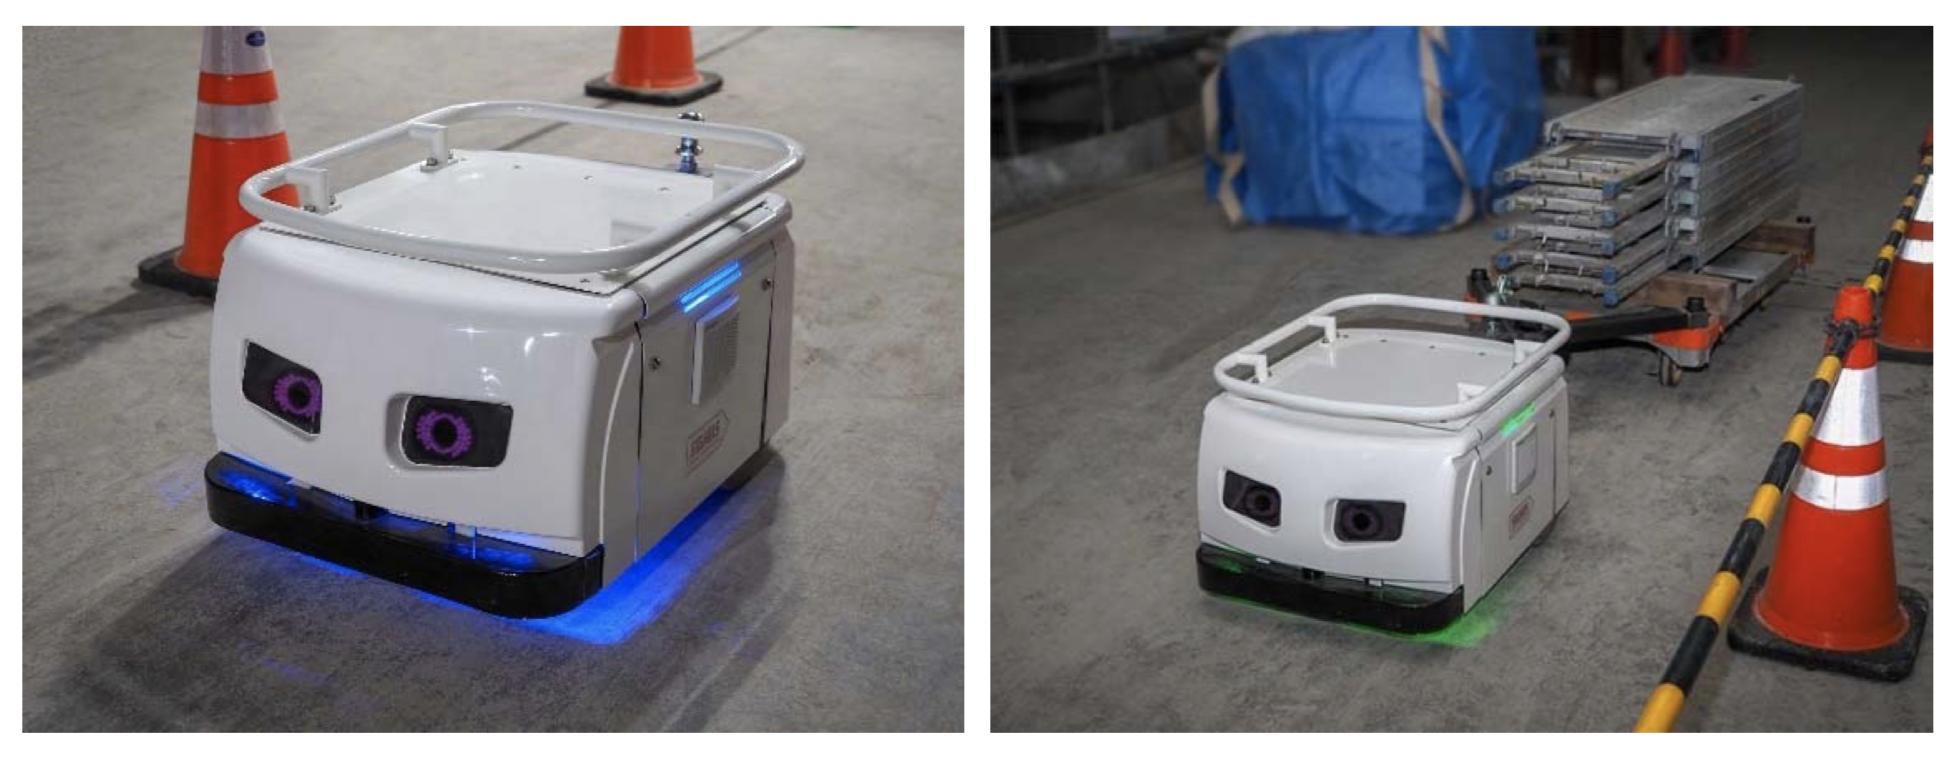 東急建設とTHK、建設現場用搬送ロボットの実証実験を開始